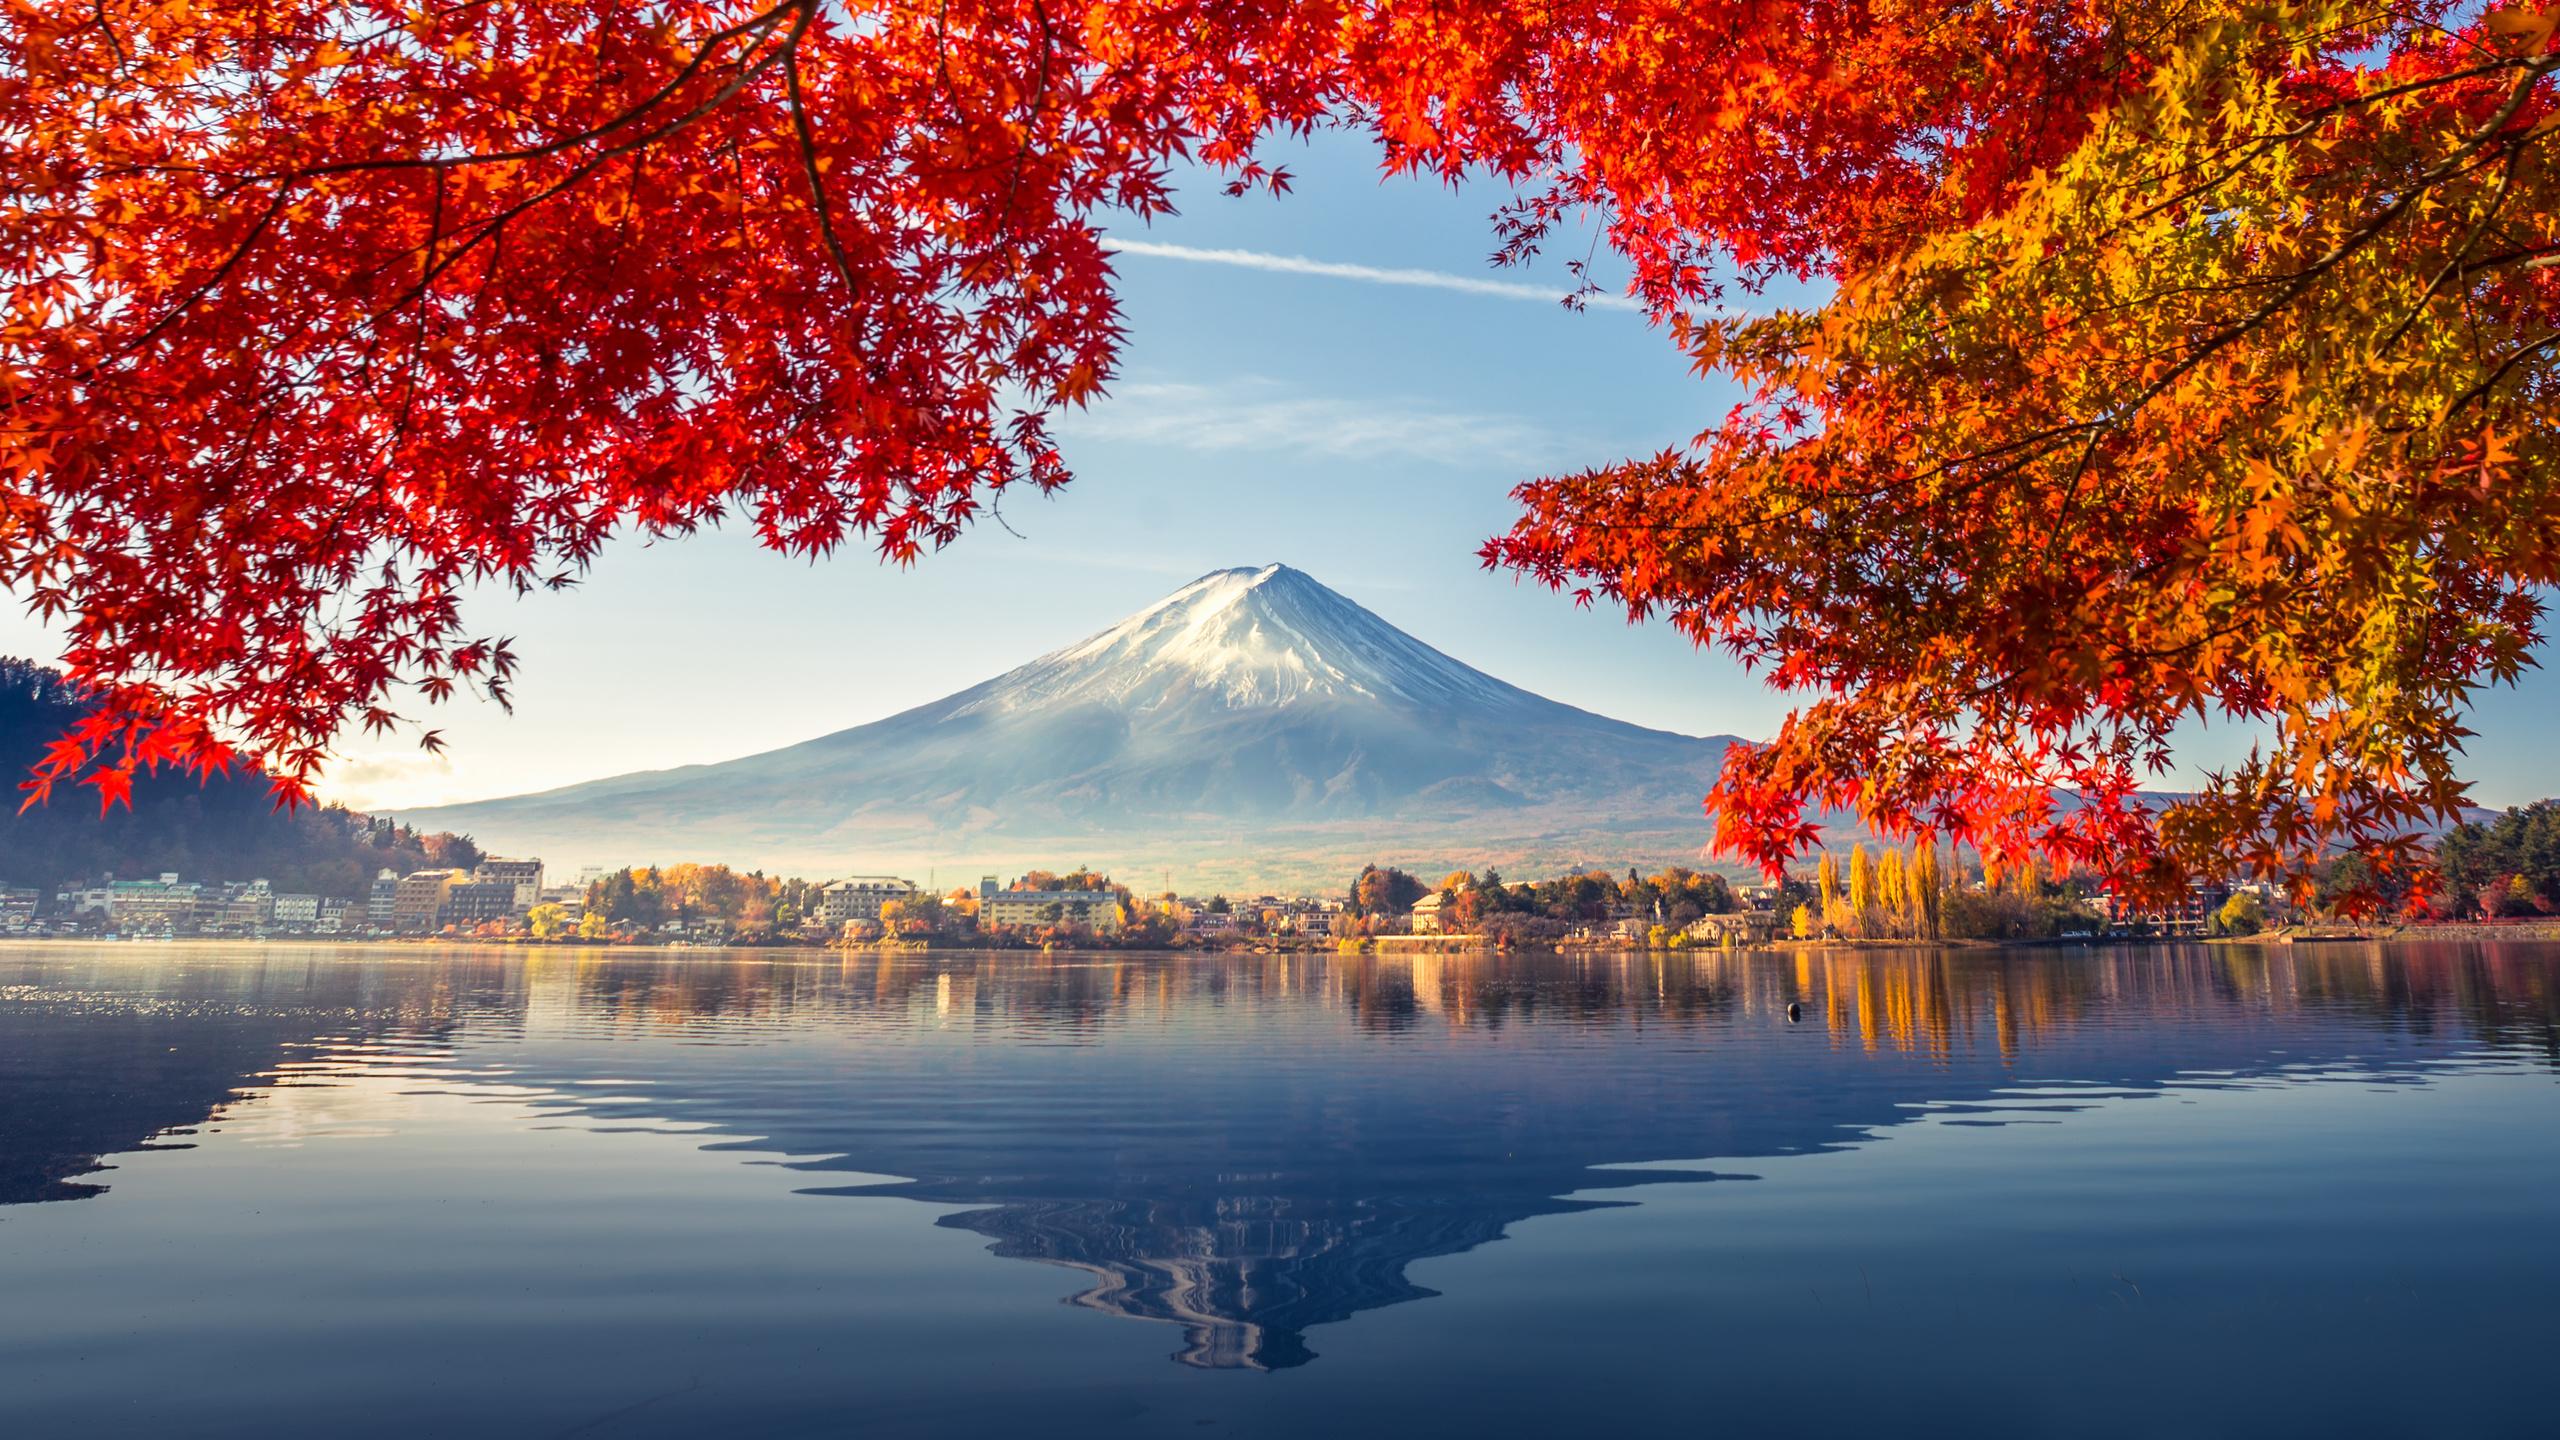 природа, осень, гора фудзияма, фудзияма